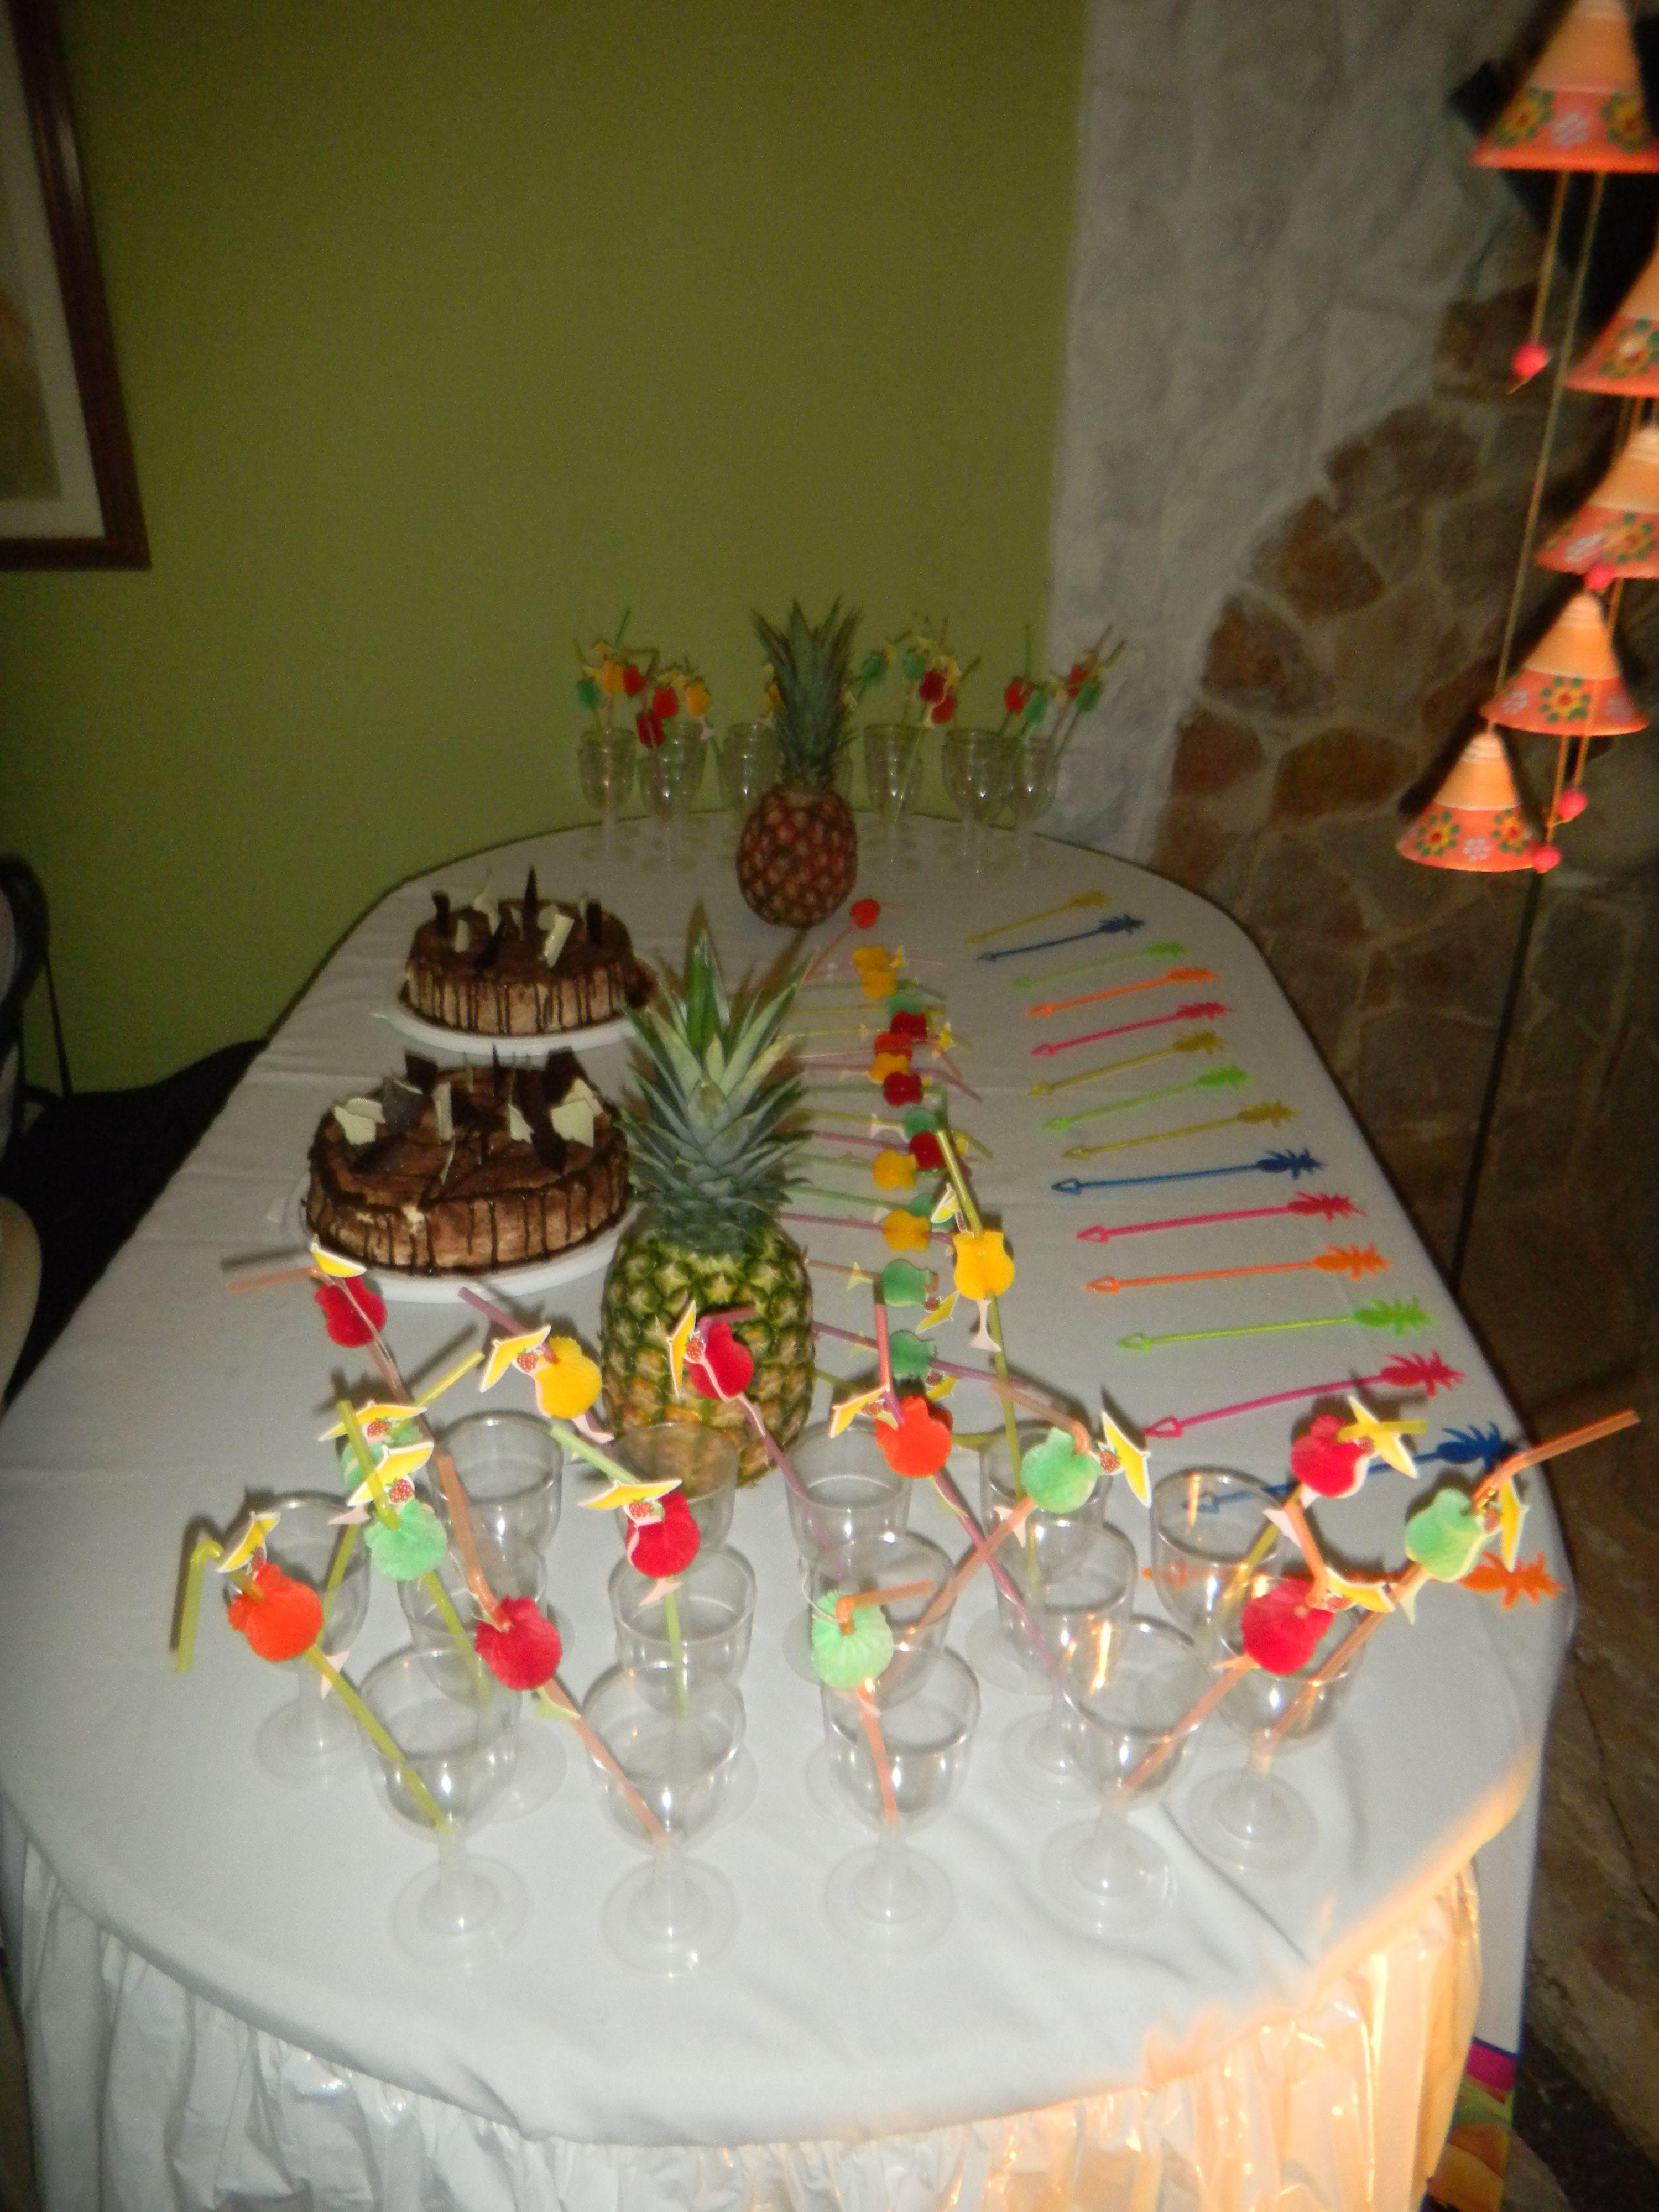 Mesa decorada para fiesta hawaiana con pi as genovesas y - Centros de mesa con pinas ...